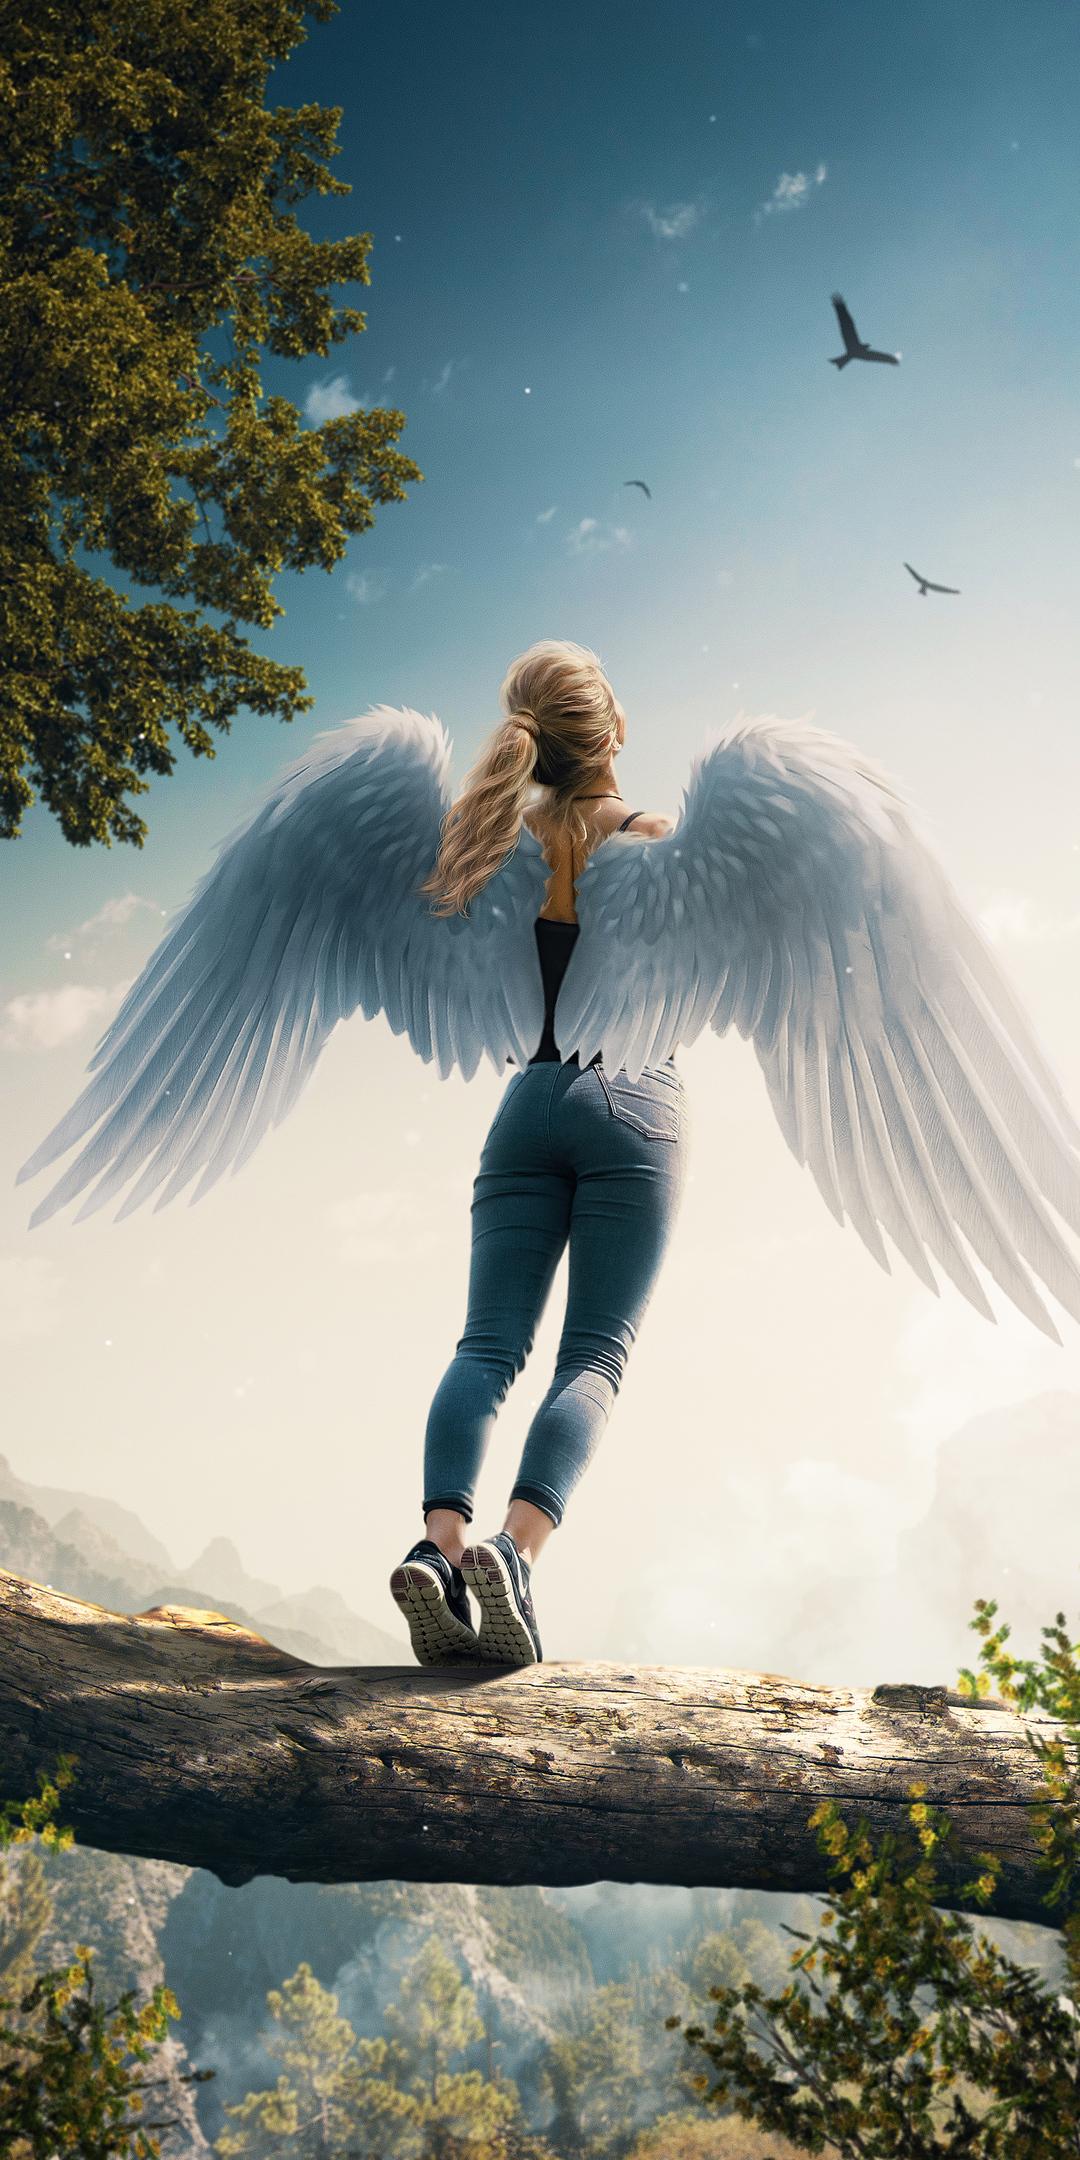 lets-fly-angel-girl-4k-5z.jpg